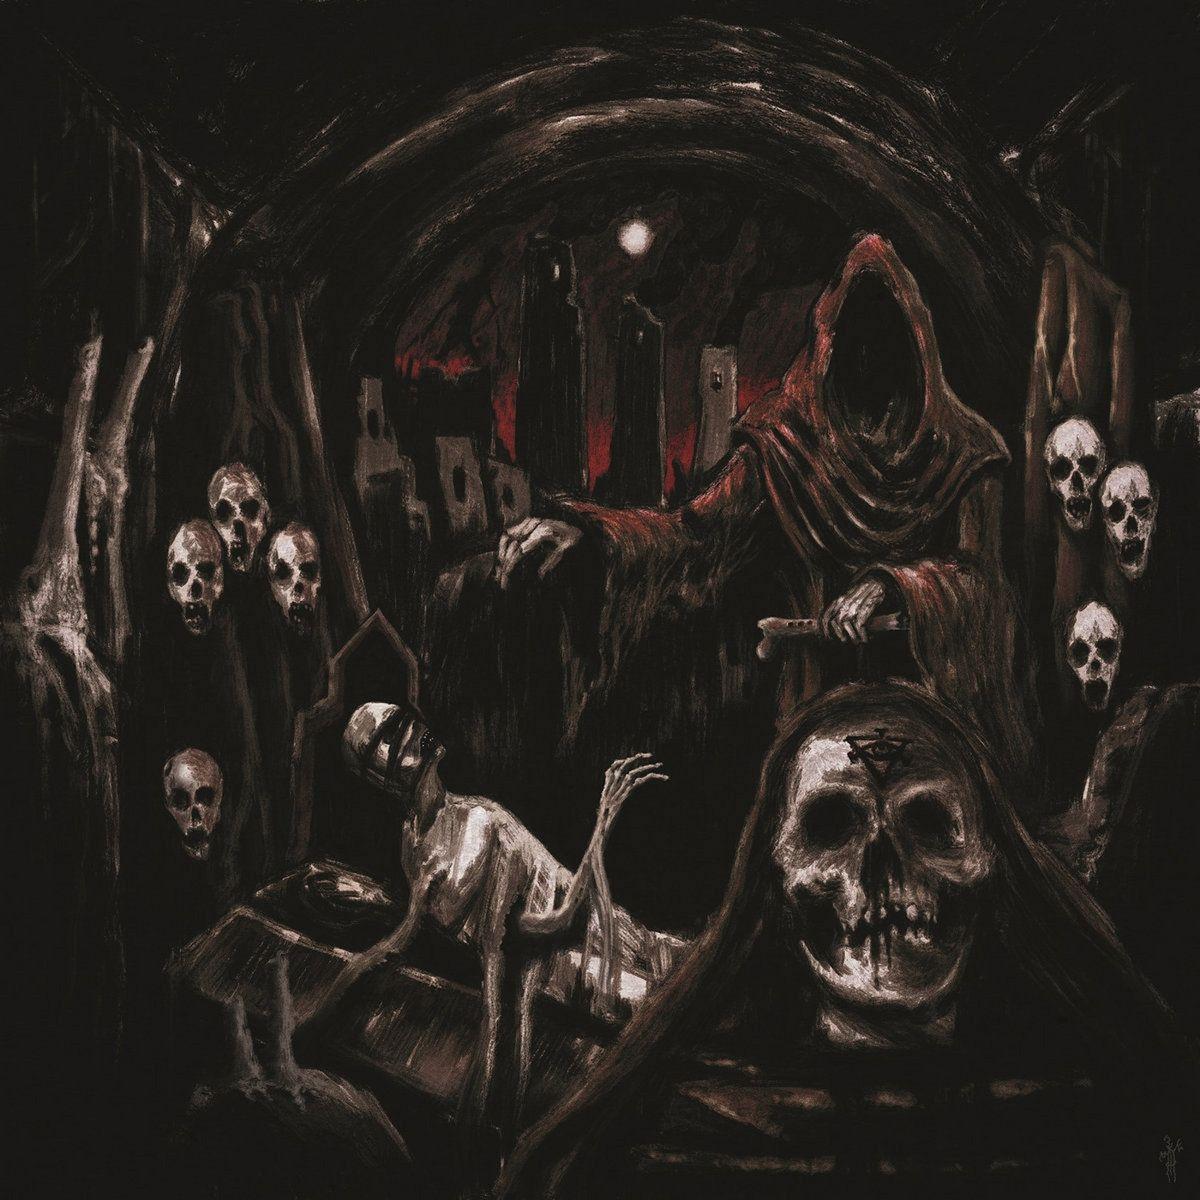 Summon (PRT) - Aesthetics of Demise